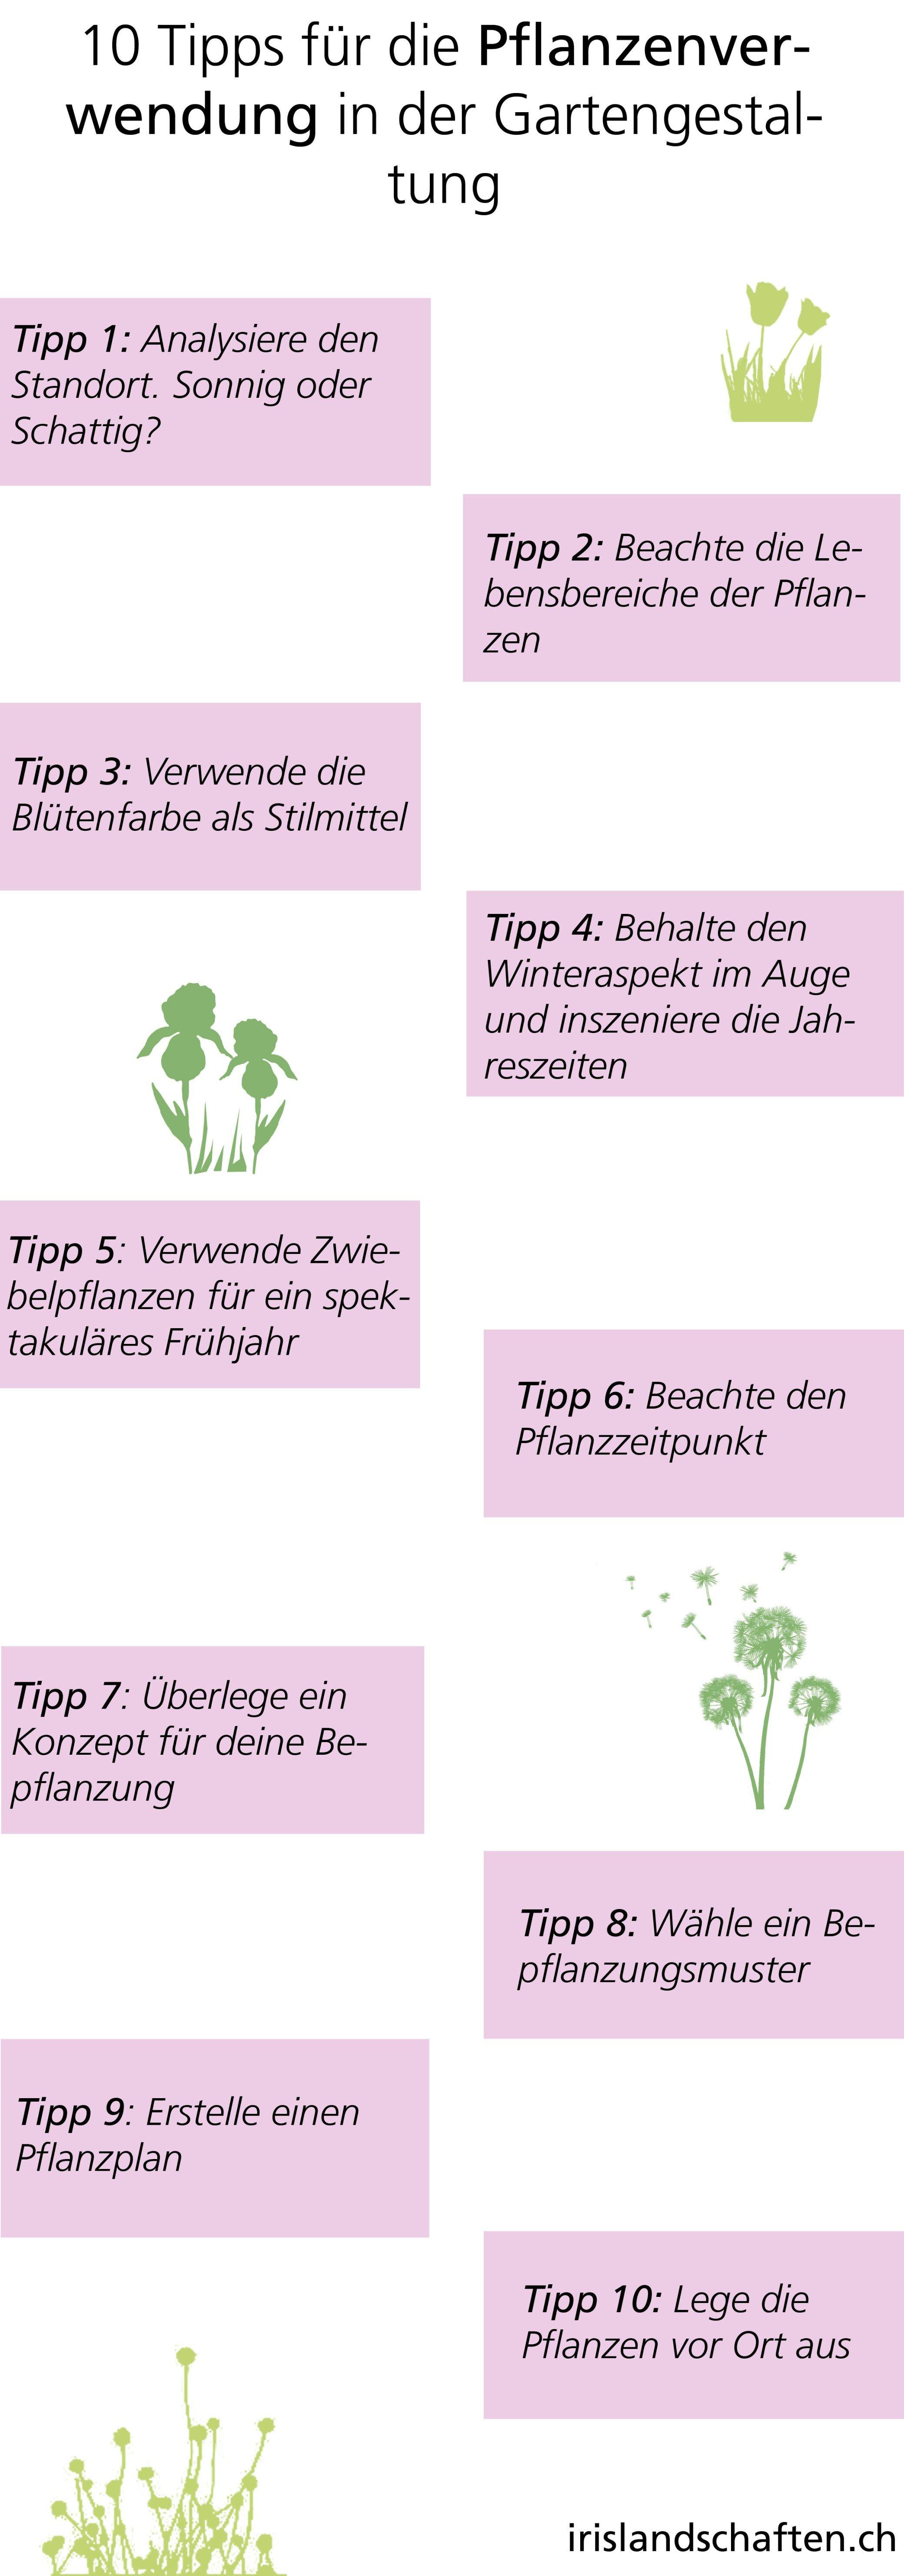 10 tipps für die pflanzenverwendung in der gartengestaltung, Garten und erstellen